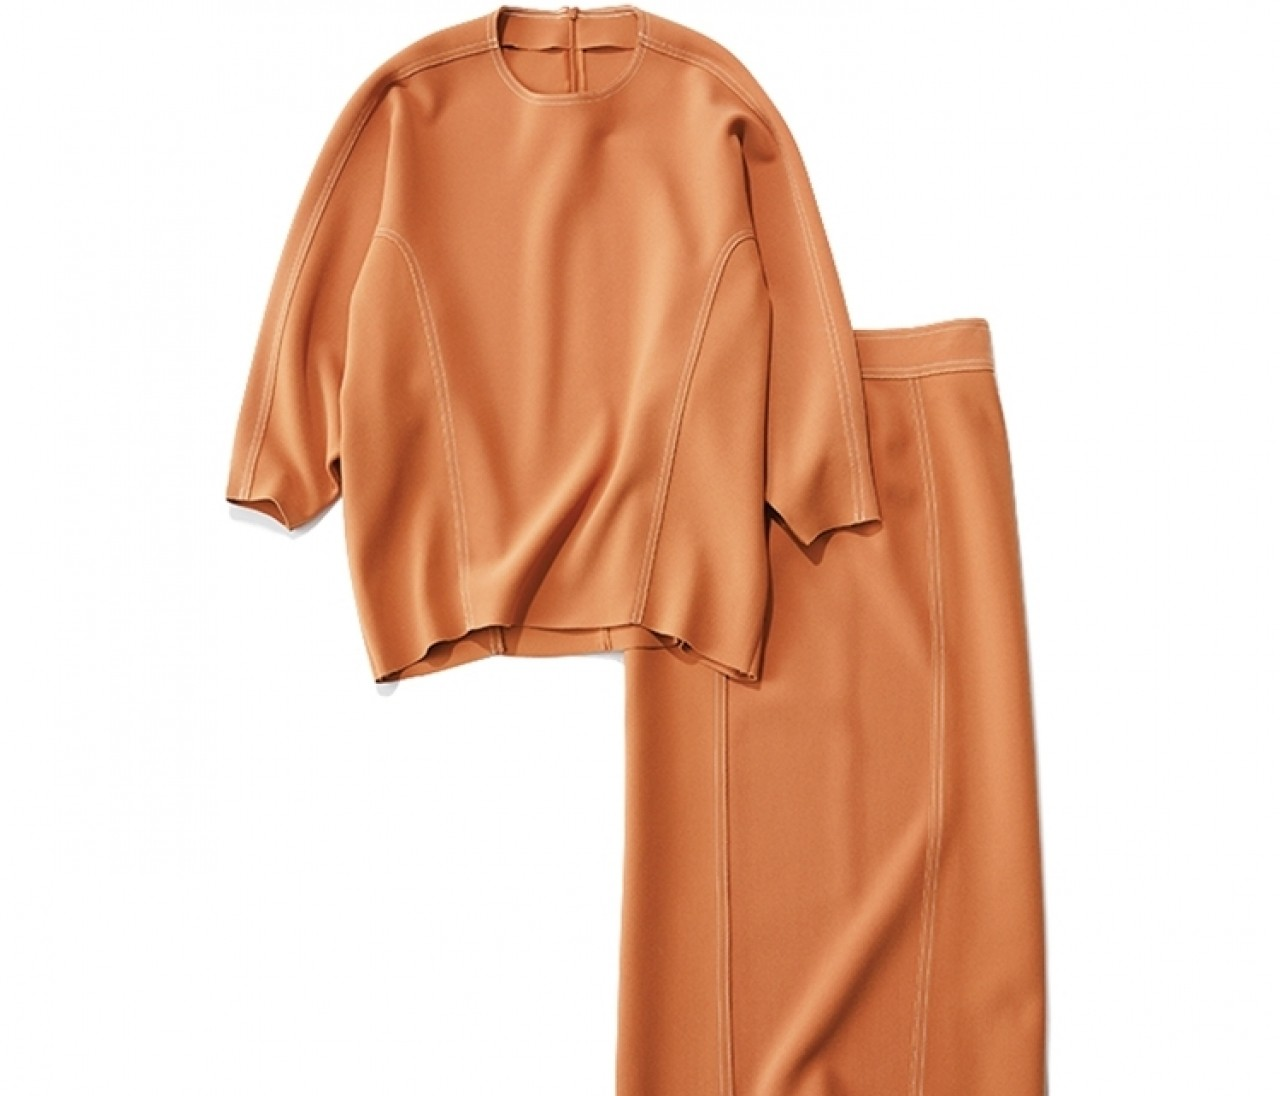 【オレンジセットアップ着回し】トレンドカラーで華やか7コーデ